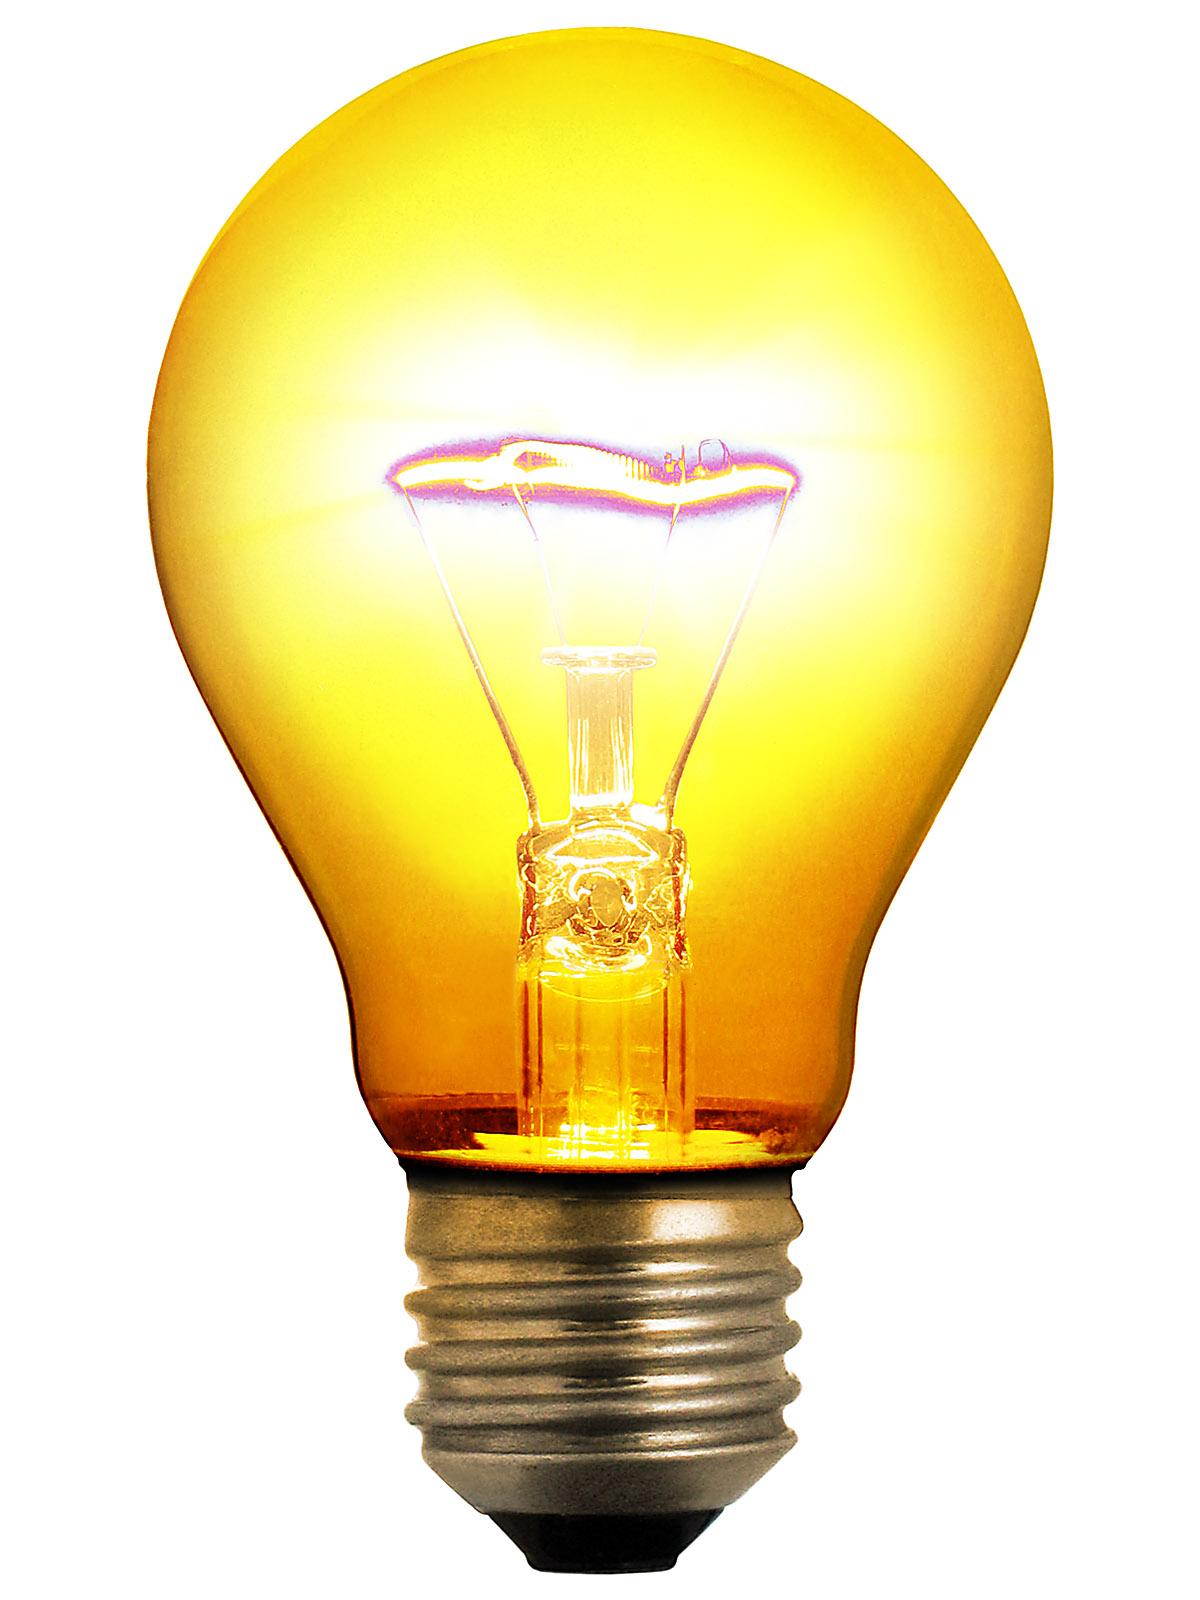 Bulb HD PNG - 118592